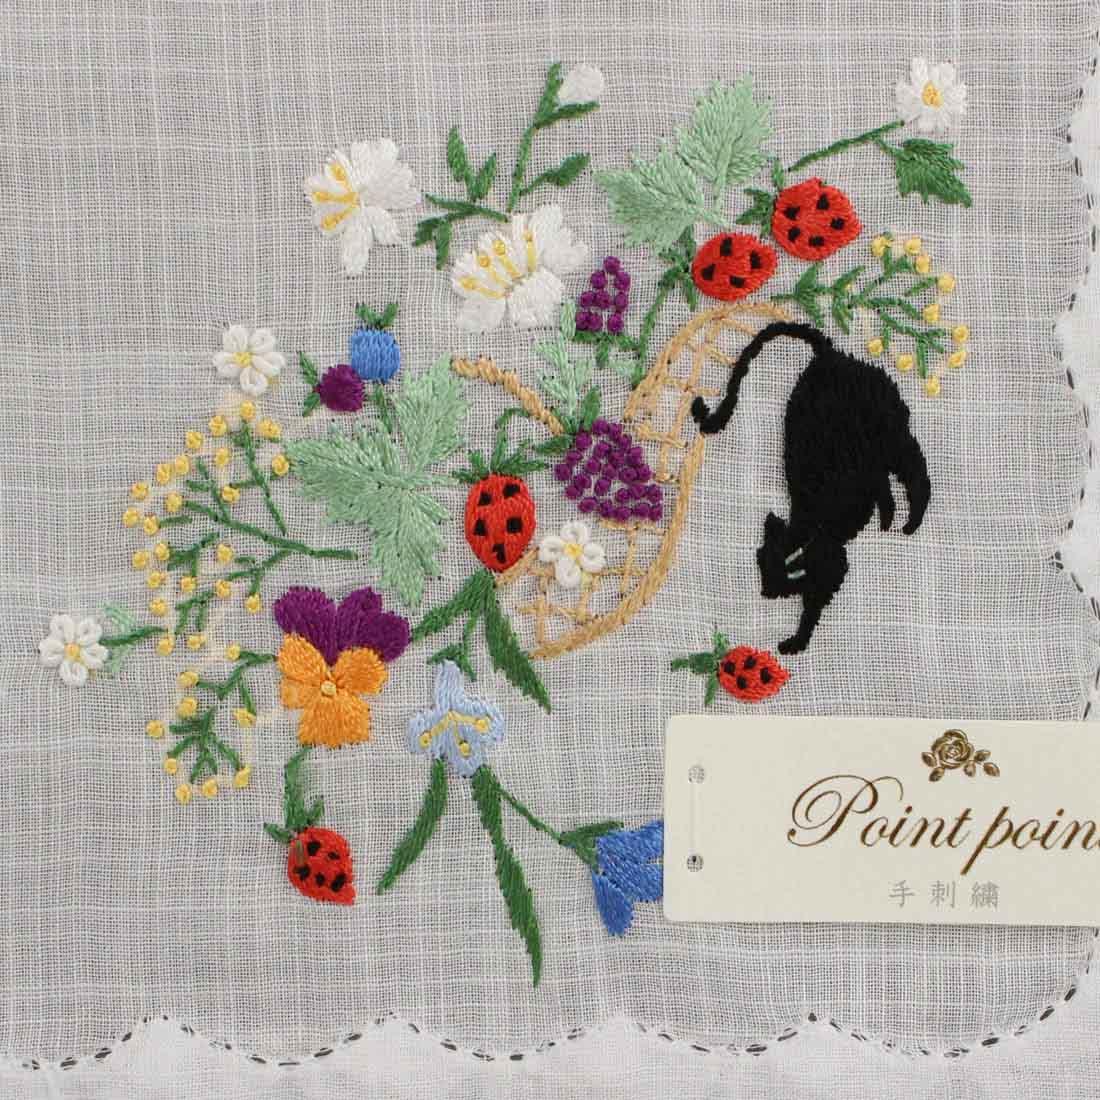 ポワンポワン ベトナム手刺繍ハンカチ 果物とネコ ホワイト